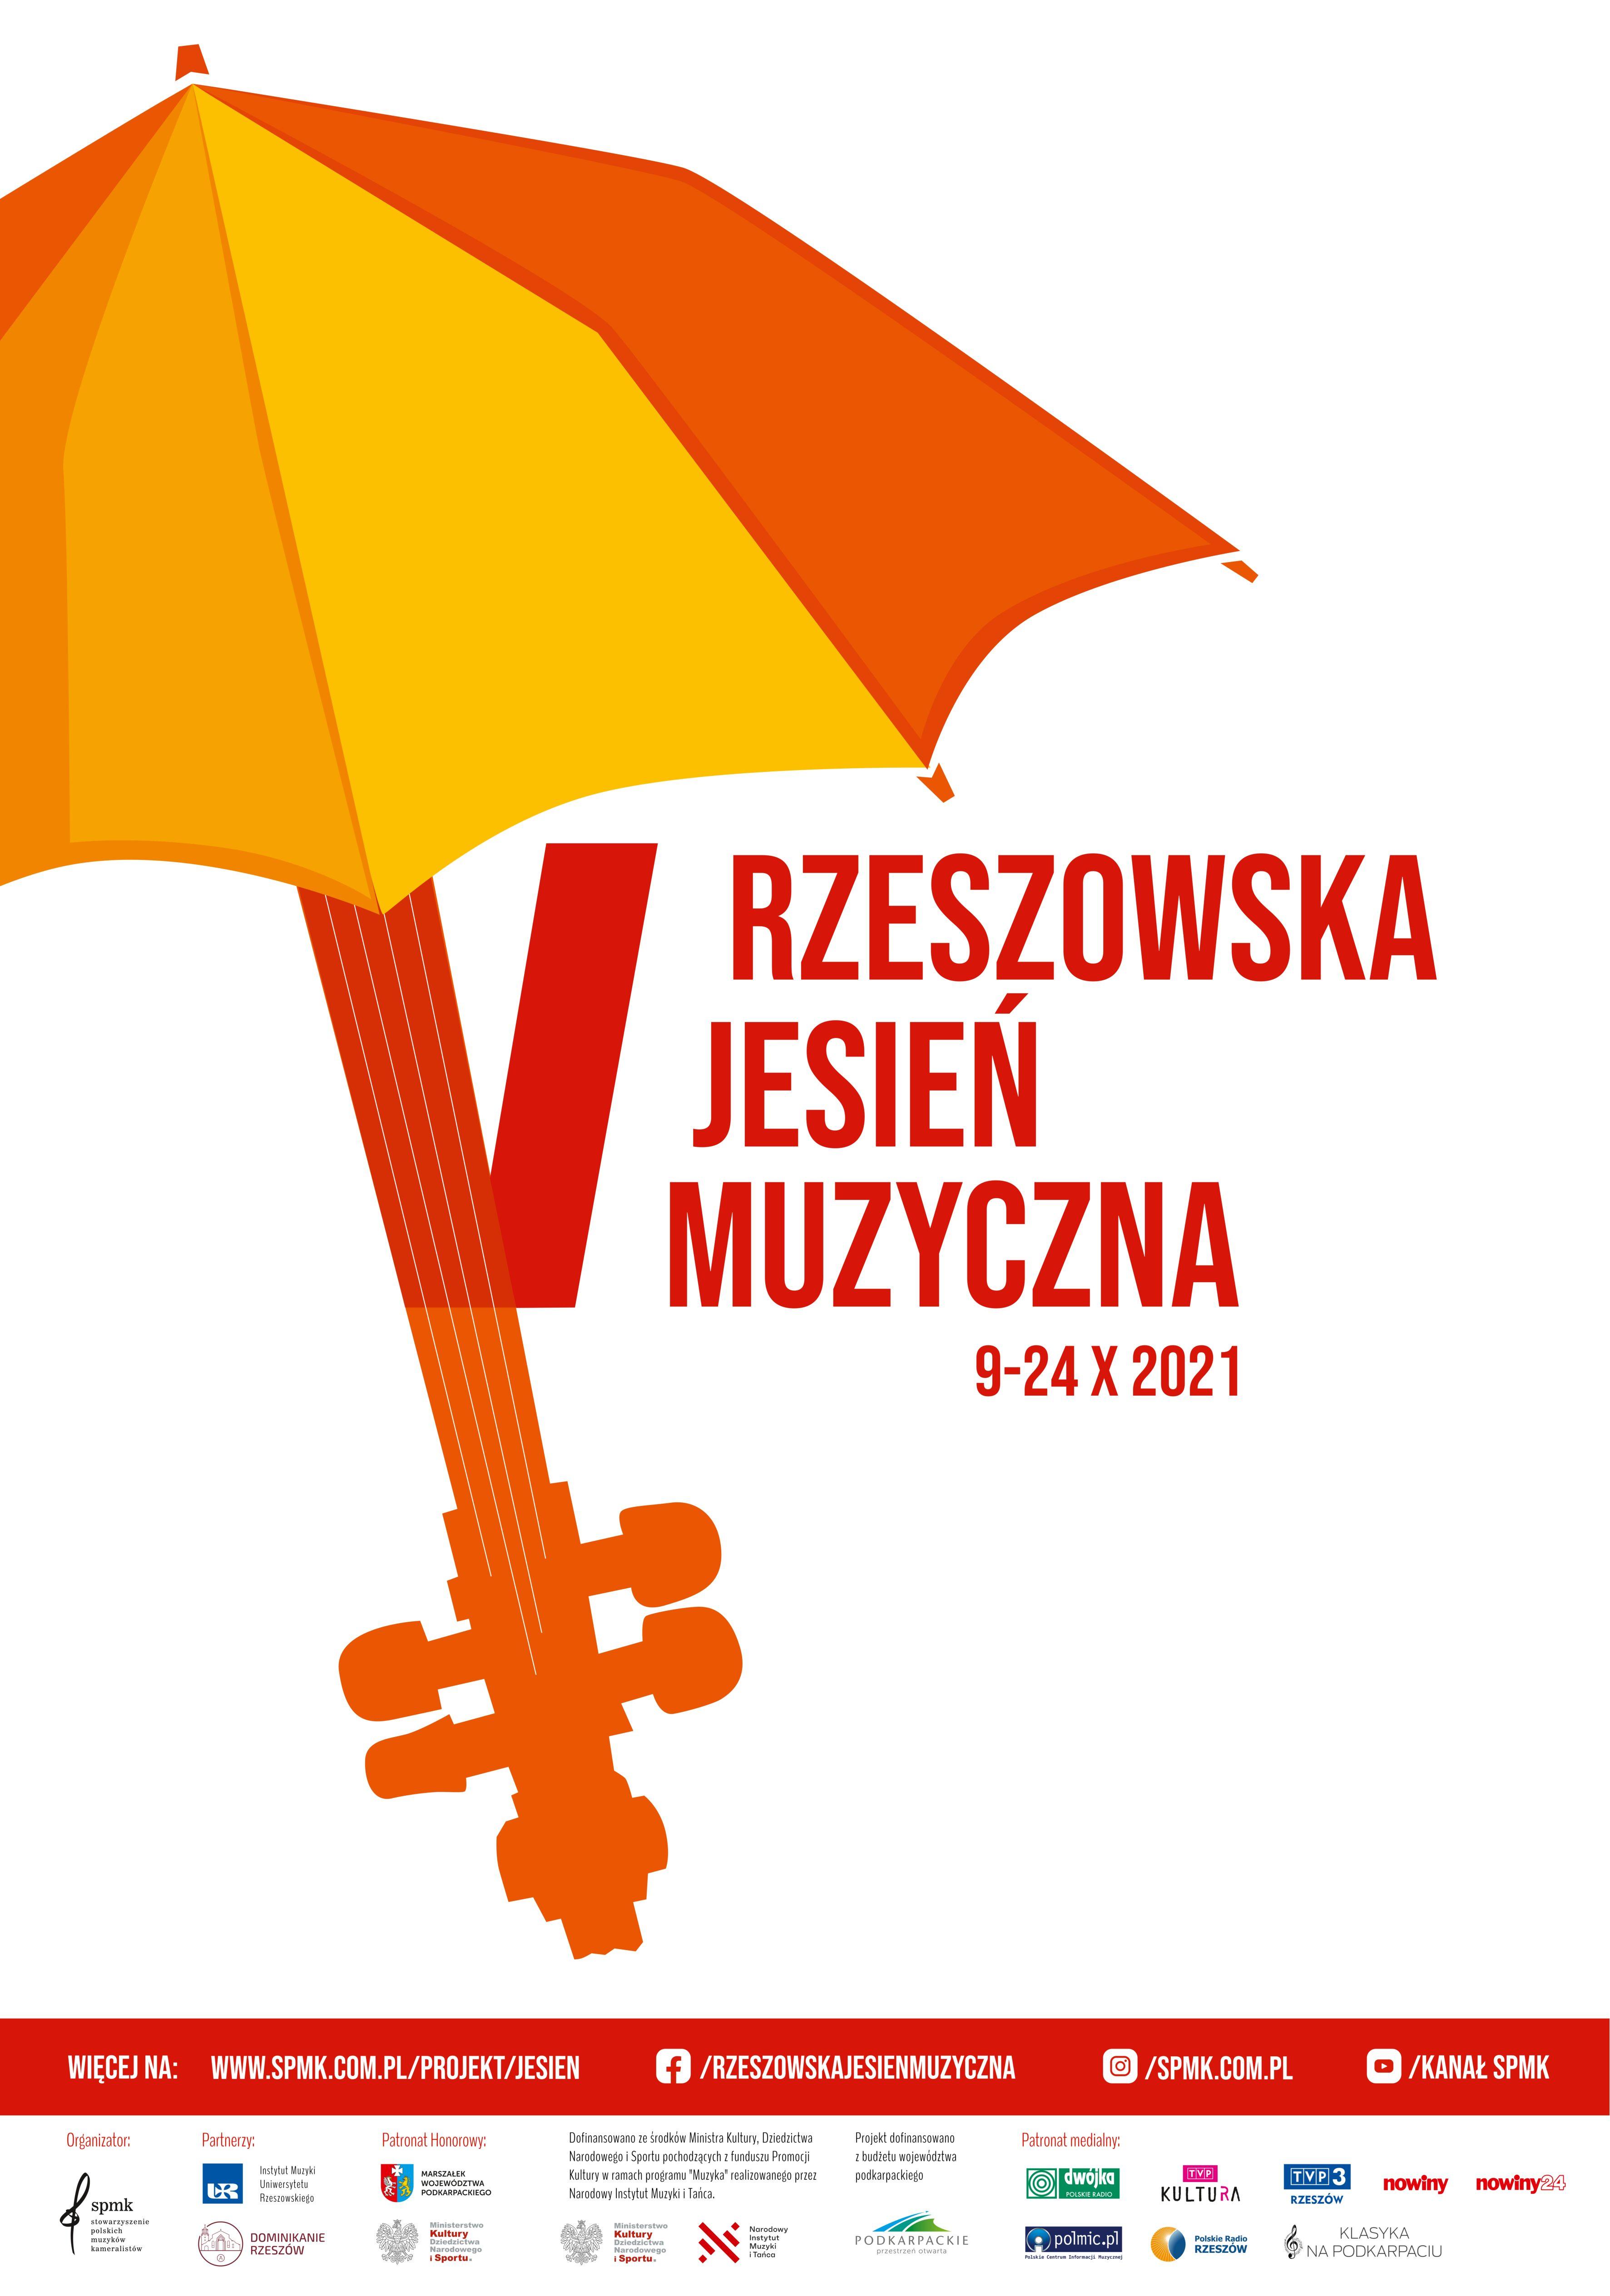 V Rzeszowska Jesień Muzyczna